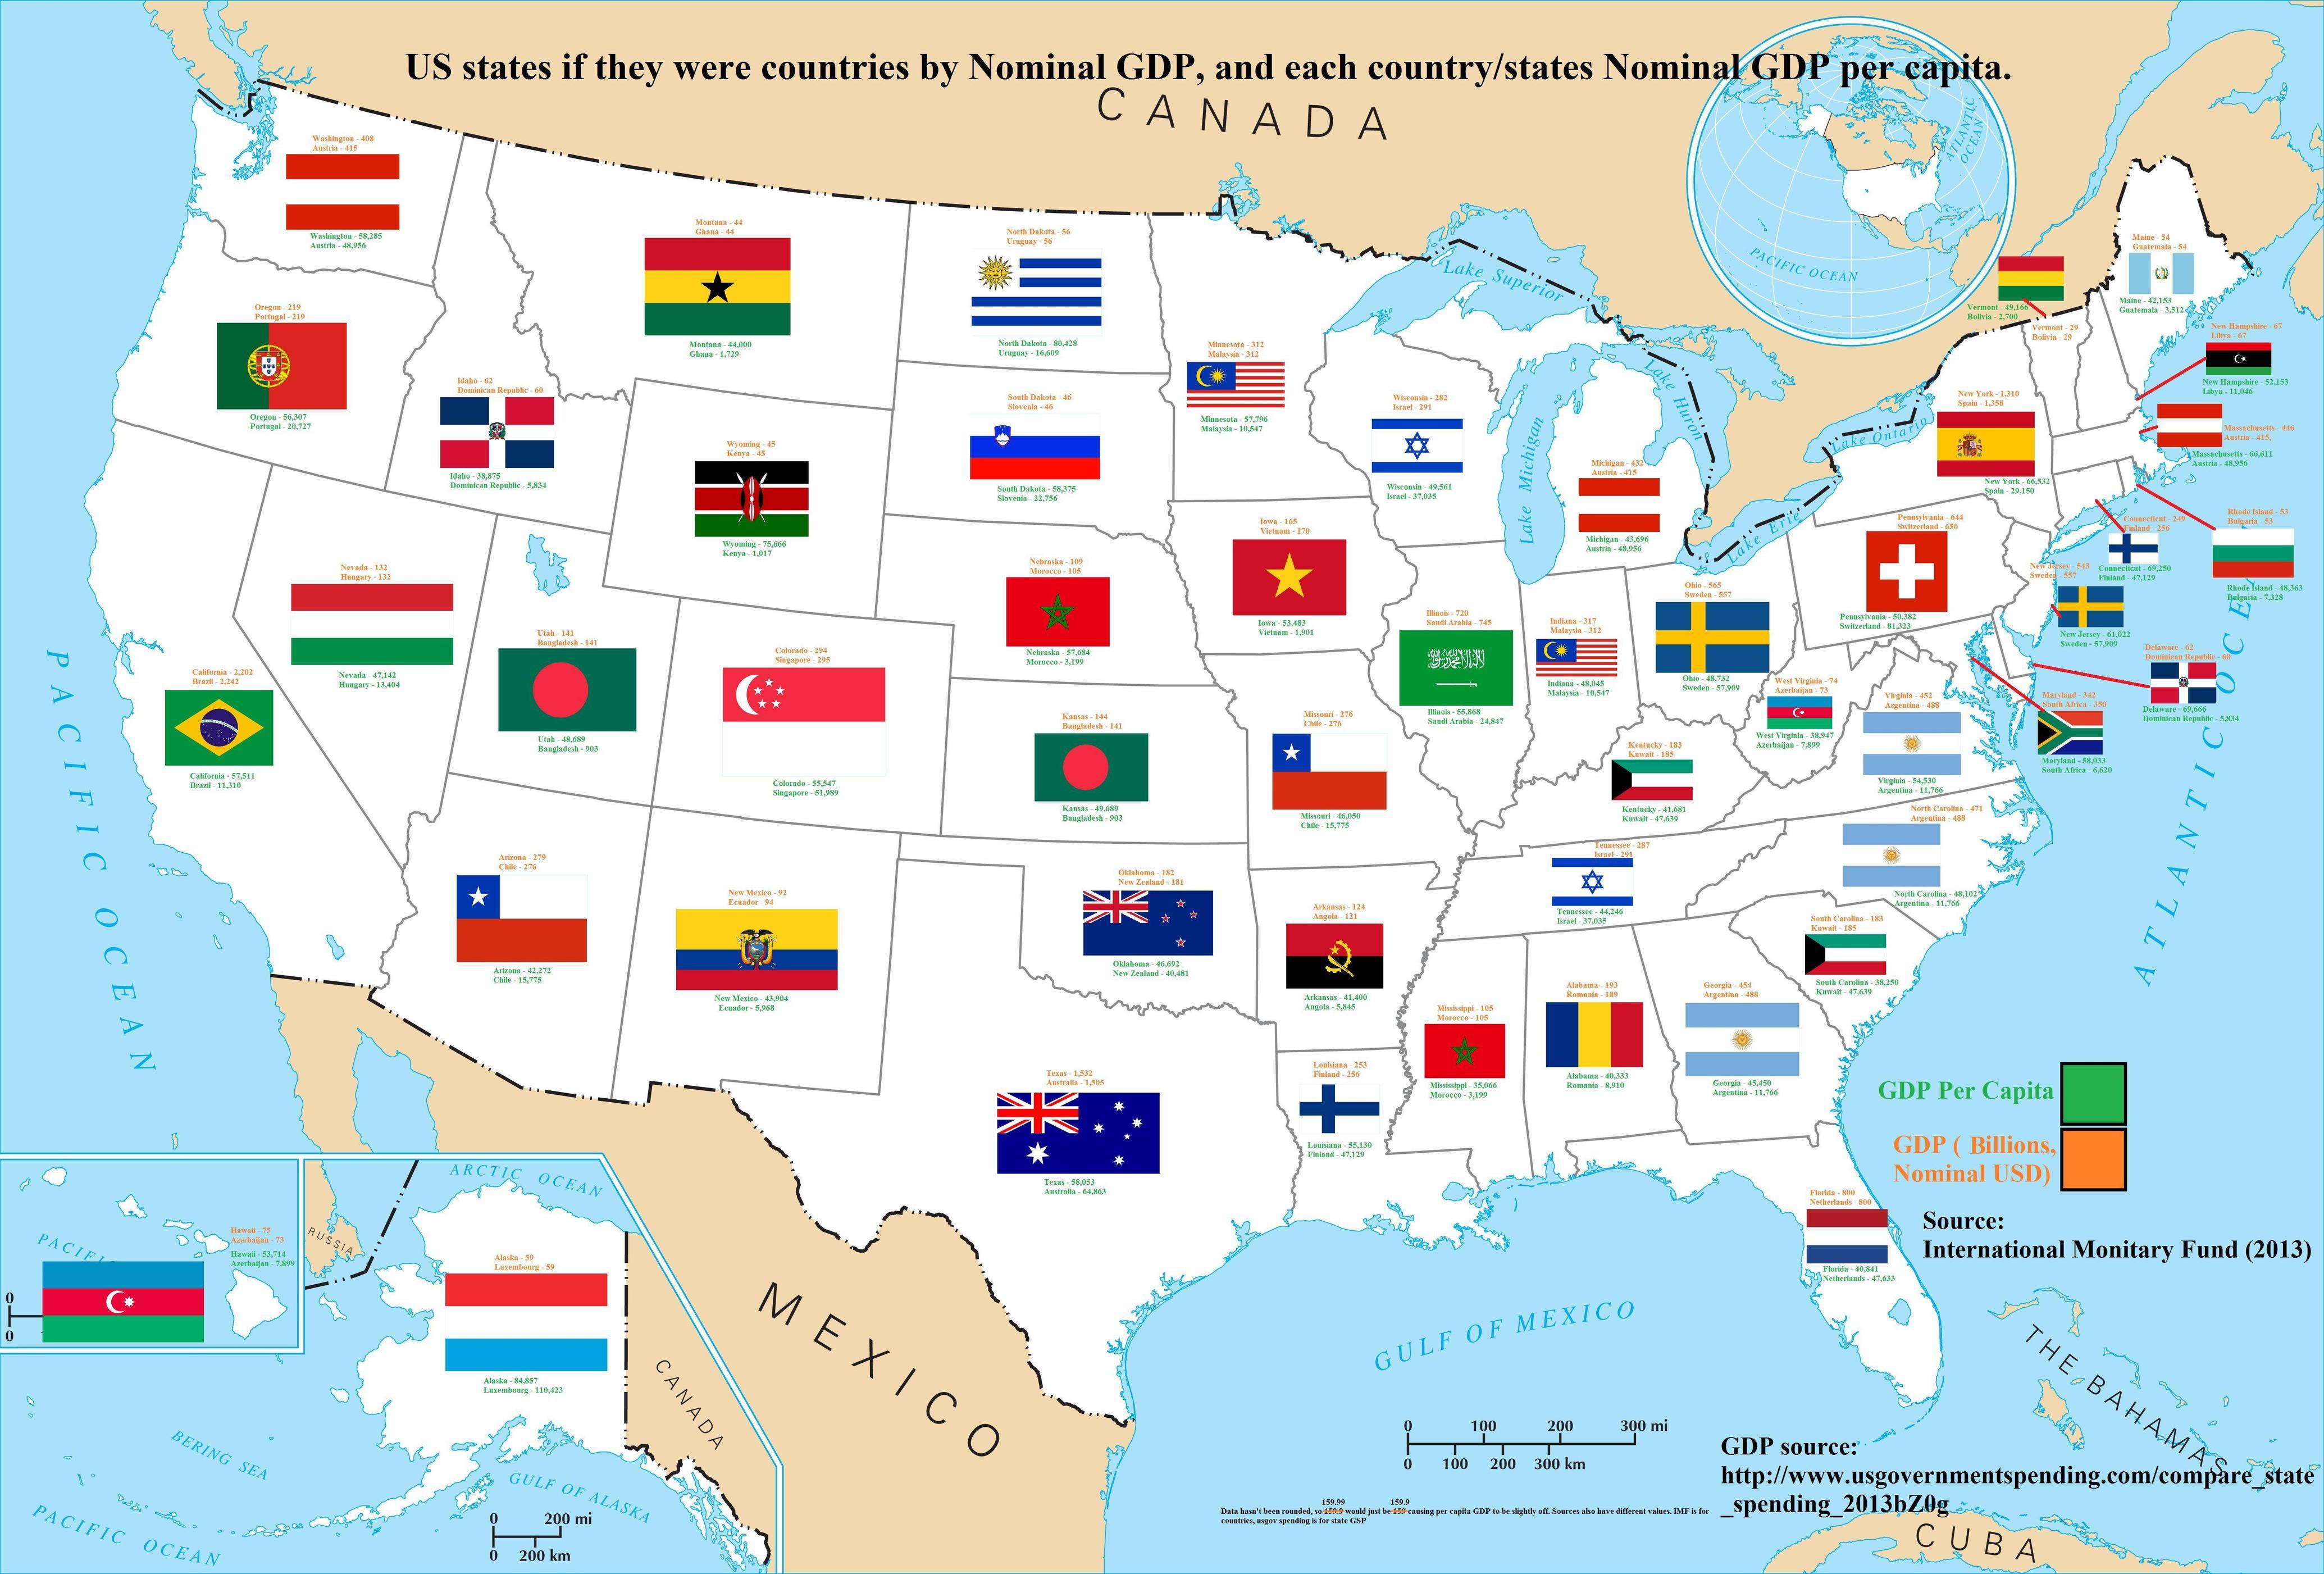 海外の万国反応記@海外の反応外国人「GDPでアメリカの各州を世界の国に置き換えるこうなる…!」 【海外の反応】コメント ※httpや特定の単語をNGワードに設定しております。また、不適切と管理人が判断したコメントは削除致します。ご了承下さい。コメントする